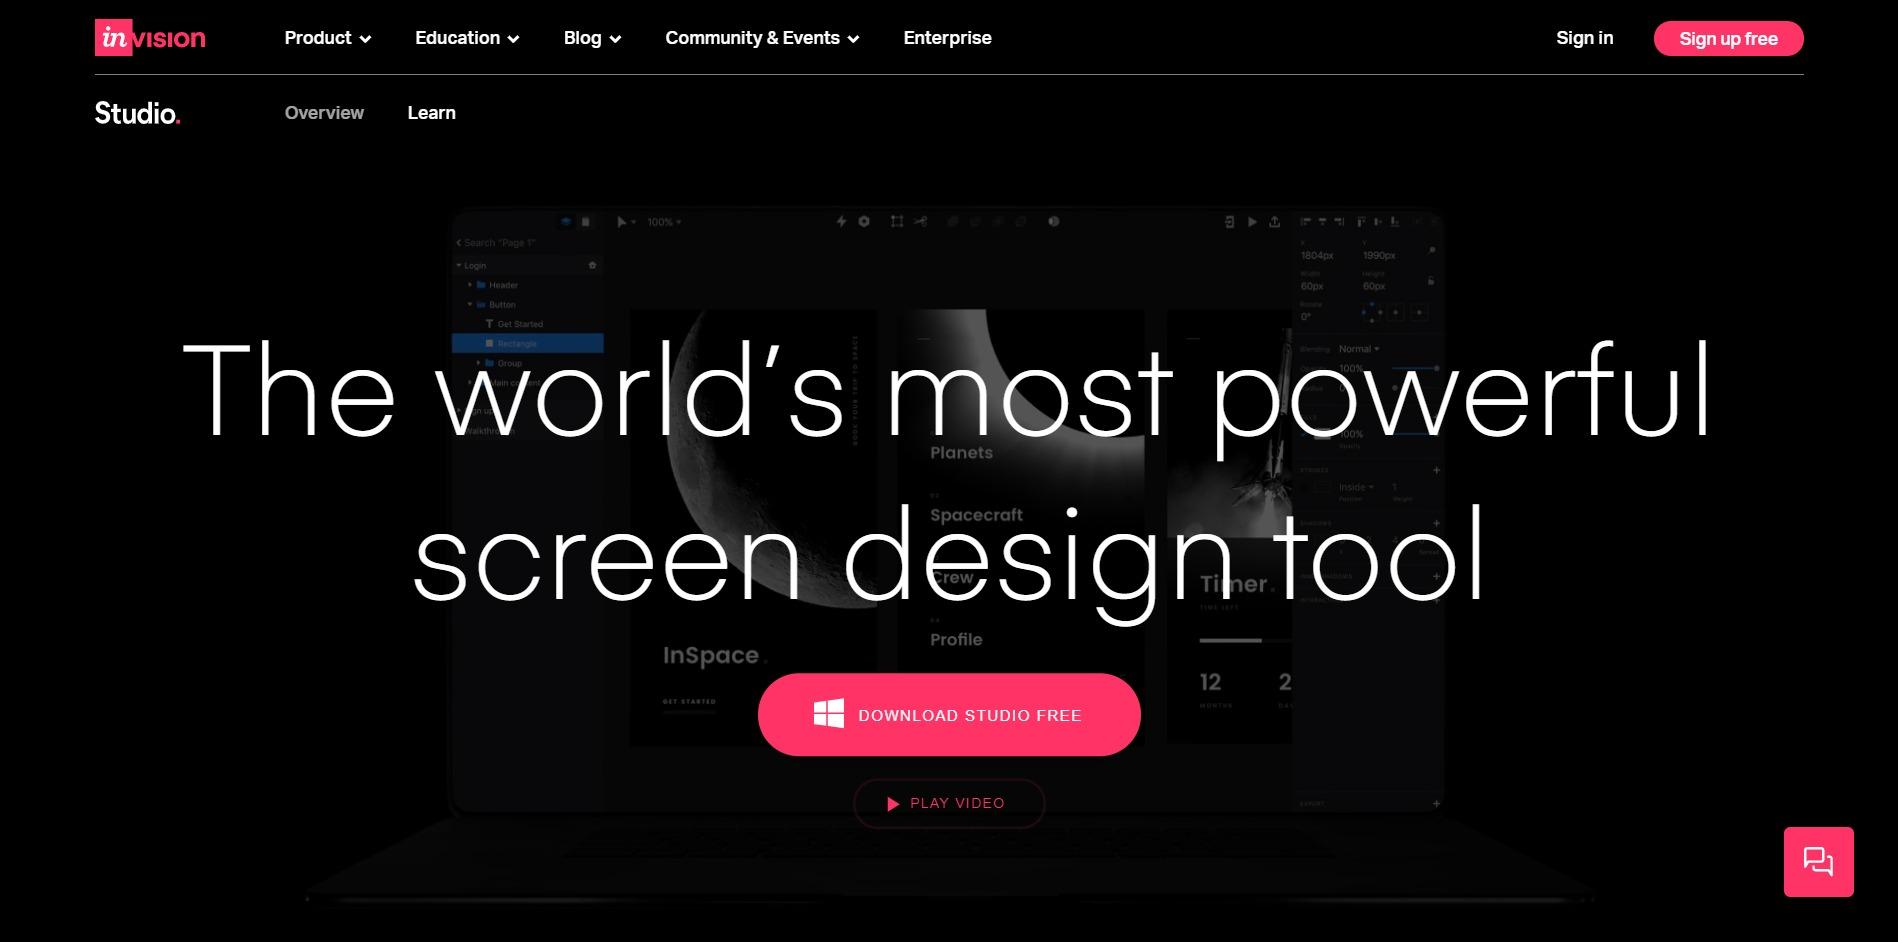 Invision Studio home page